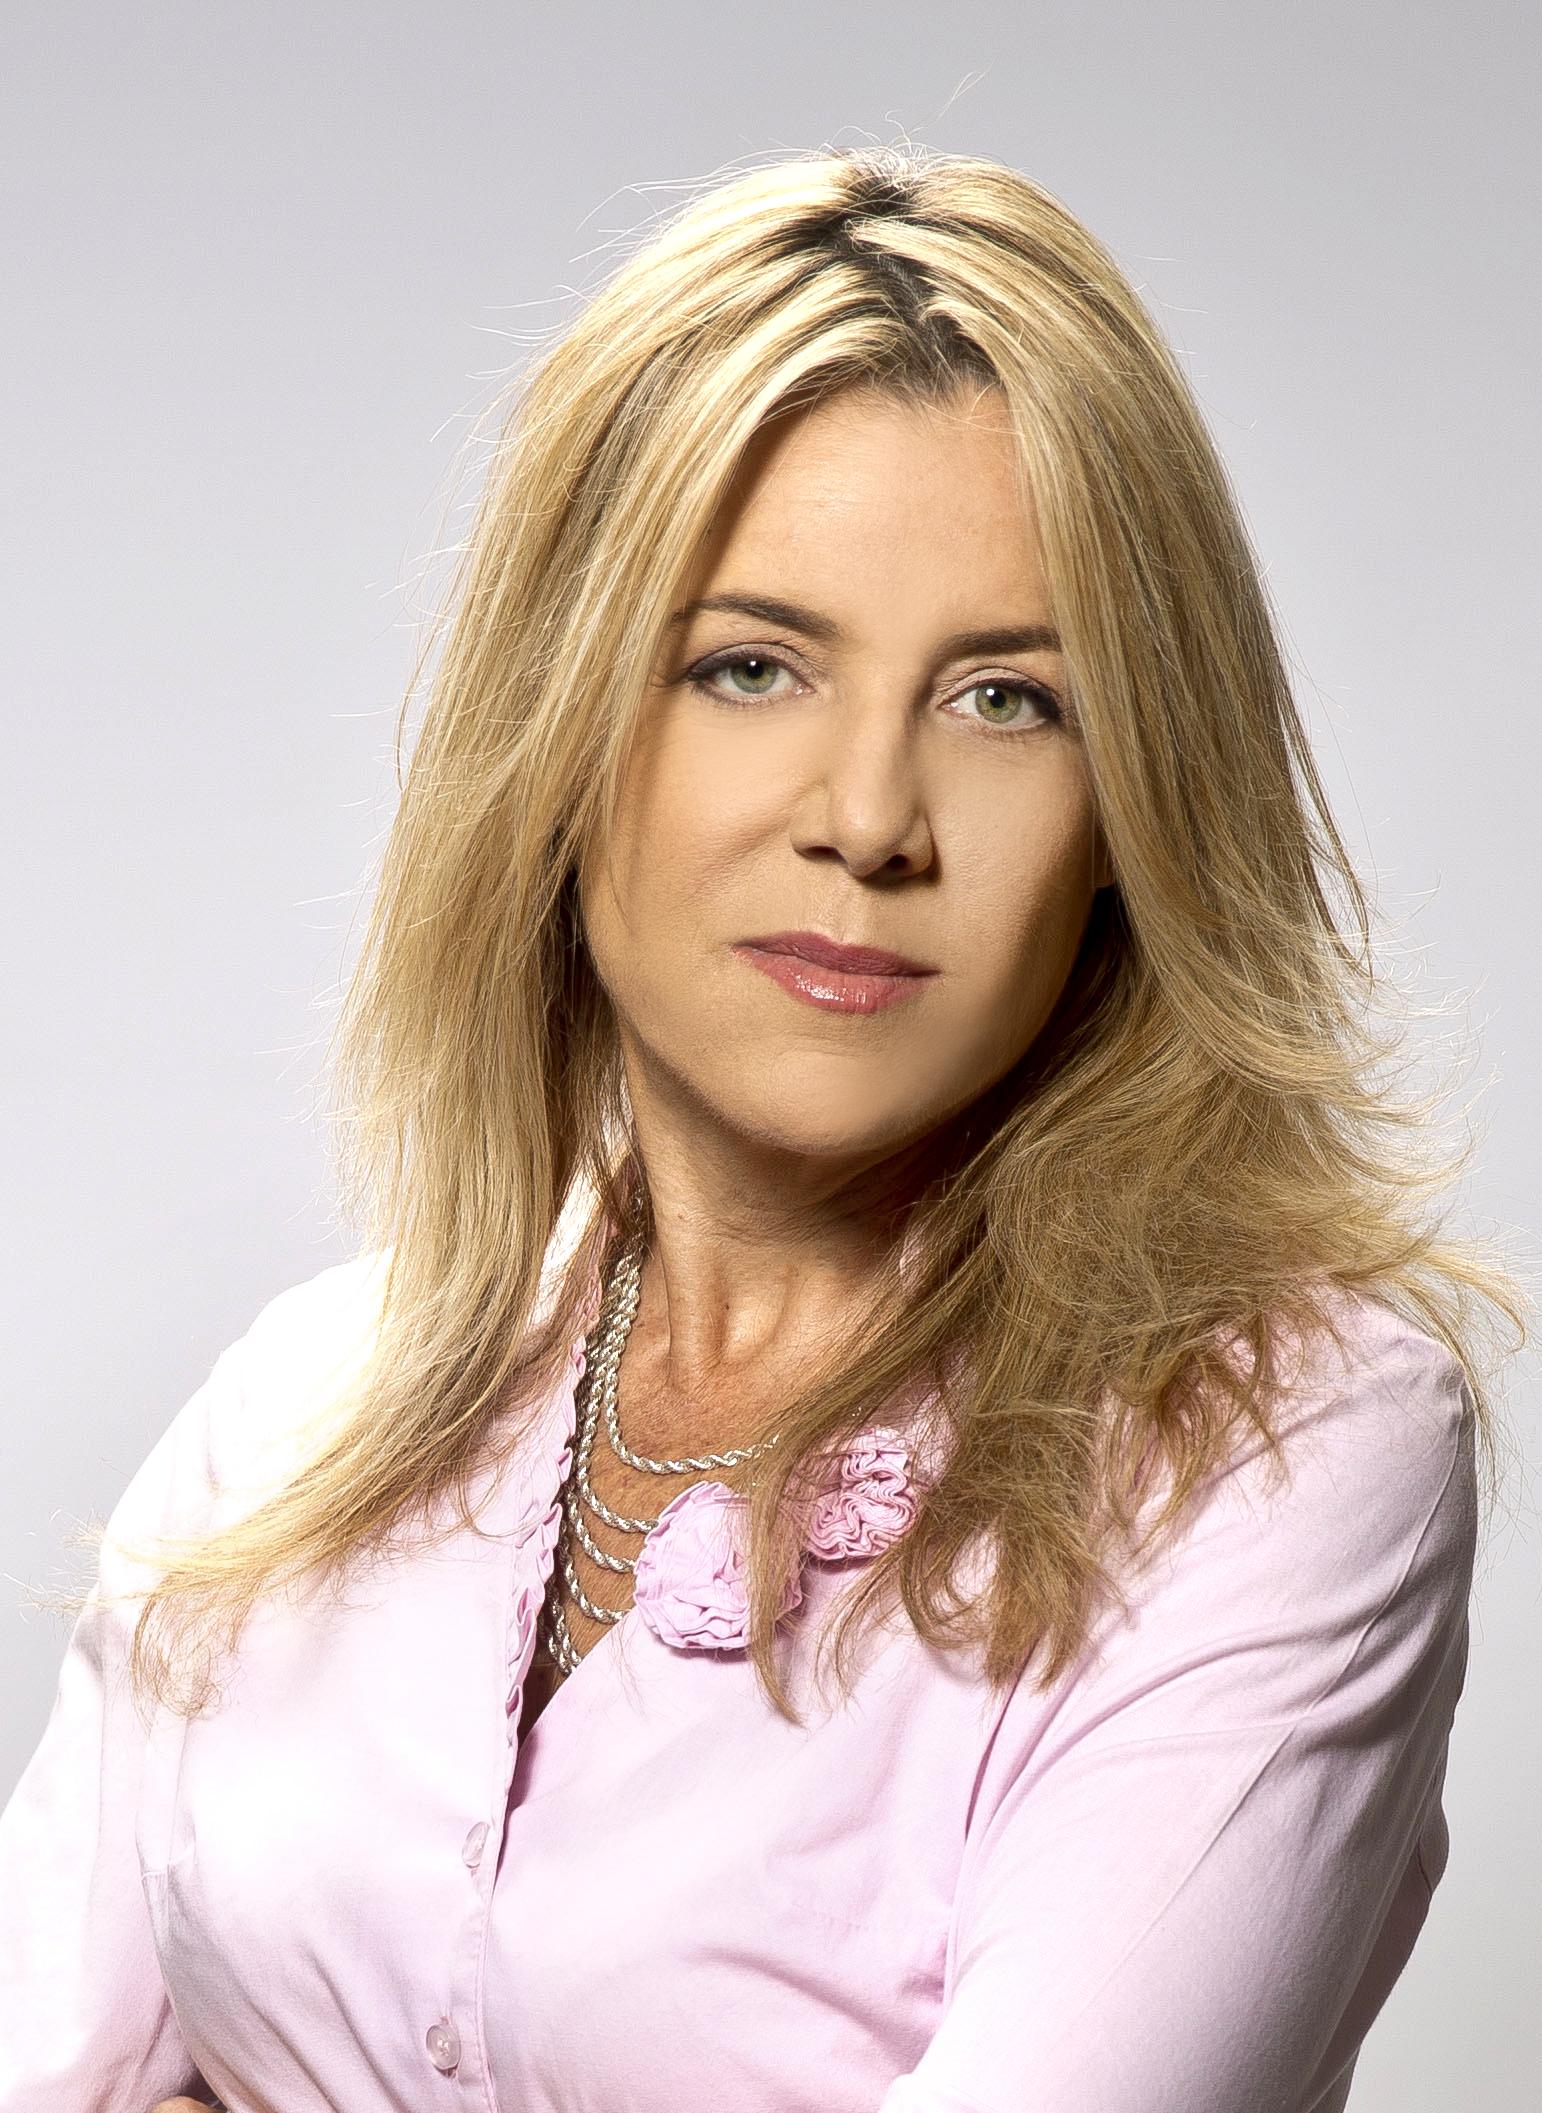 דפנה שמואלביץ (צילום: רמי זרנגר)